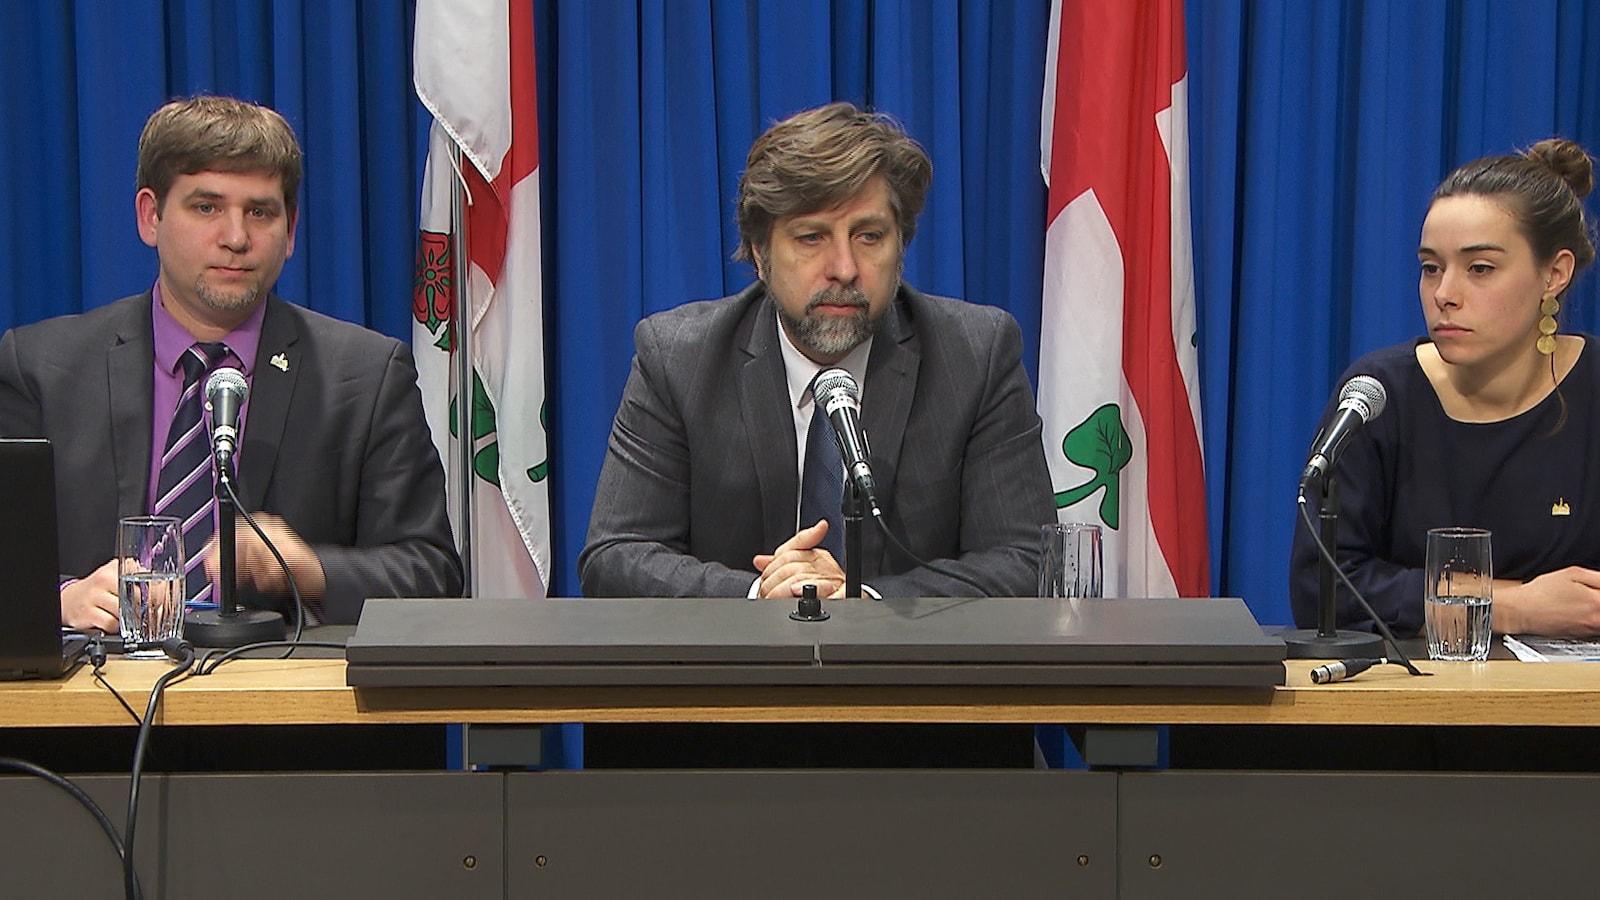 Martin Ouellet, Luc Ferrandez et Laurence Lavigne-Lalonde de Projet Montréal en conférence de presse